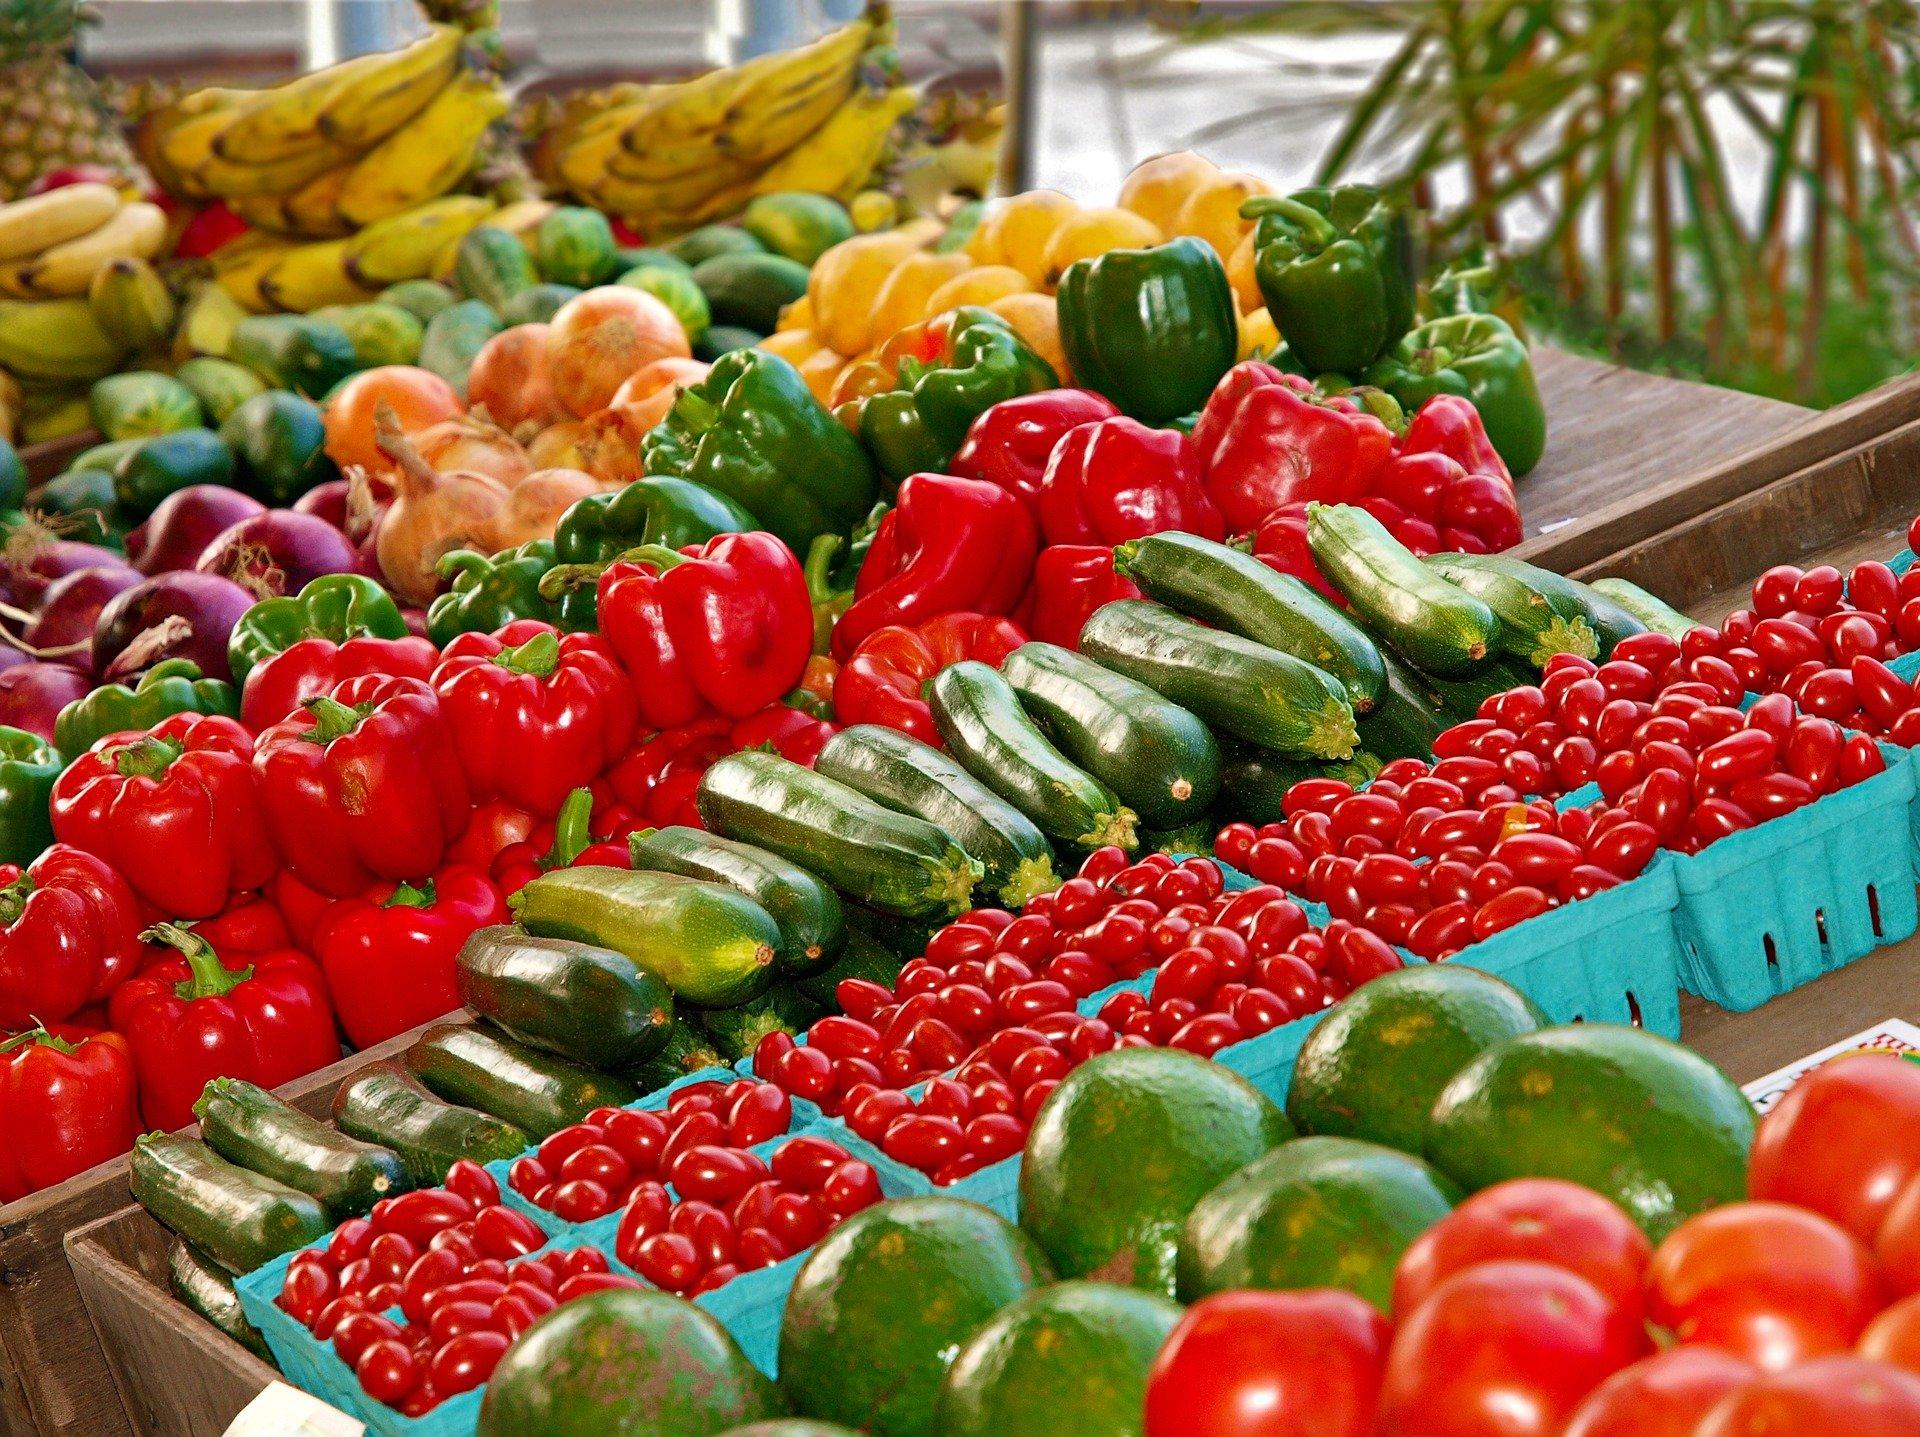 Lagerung von Obst in Gasdichten CA Lagerräumen